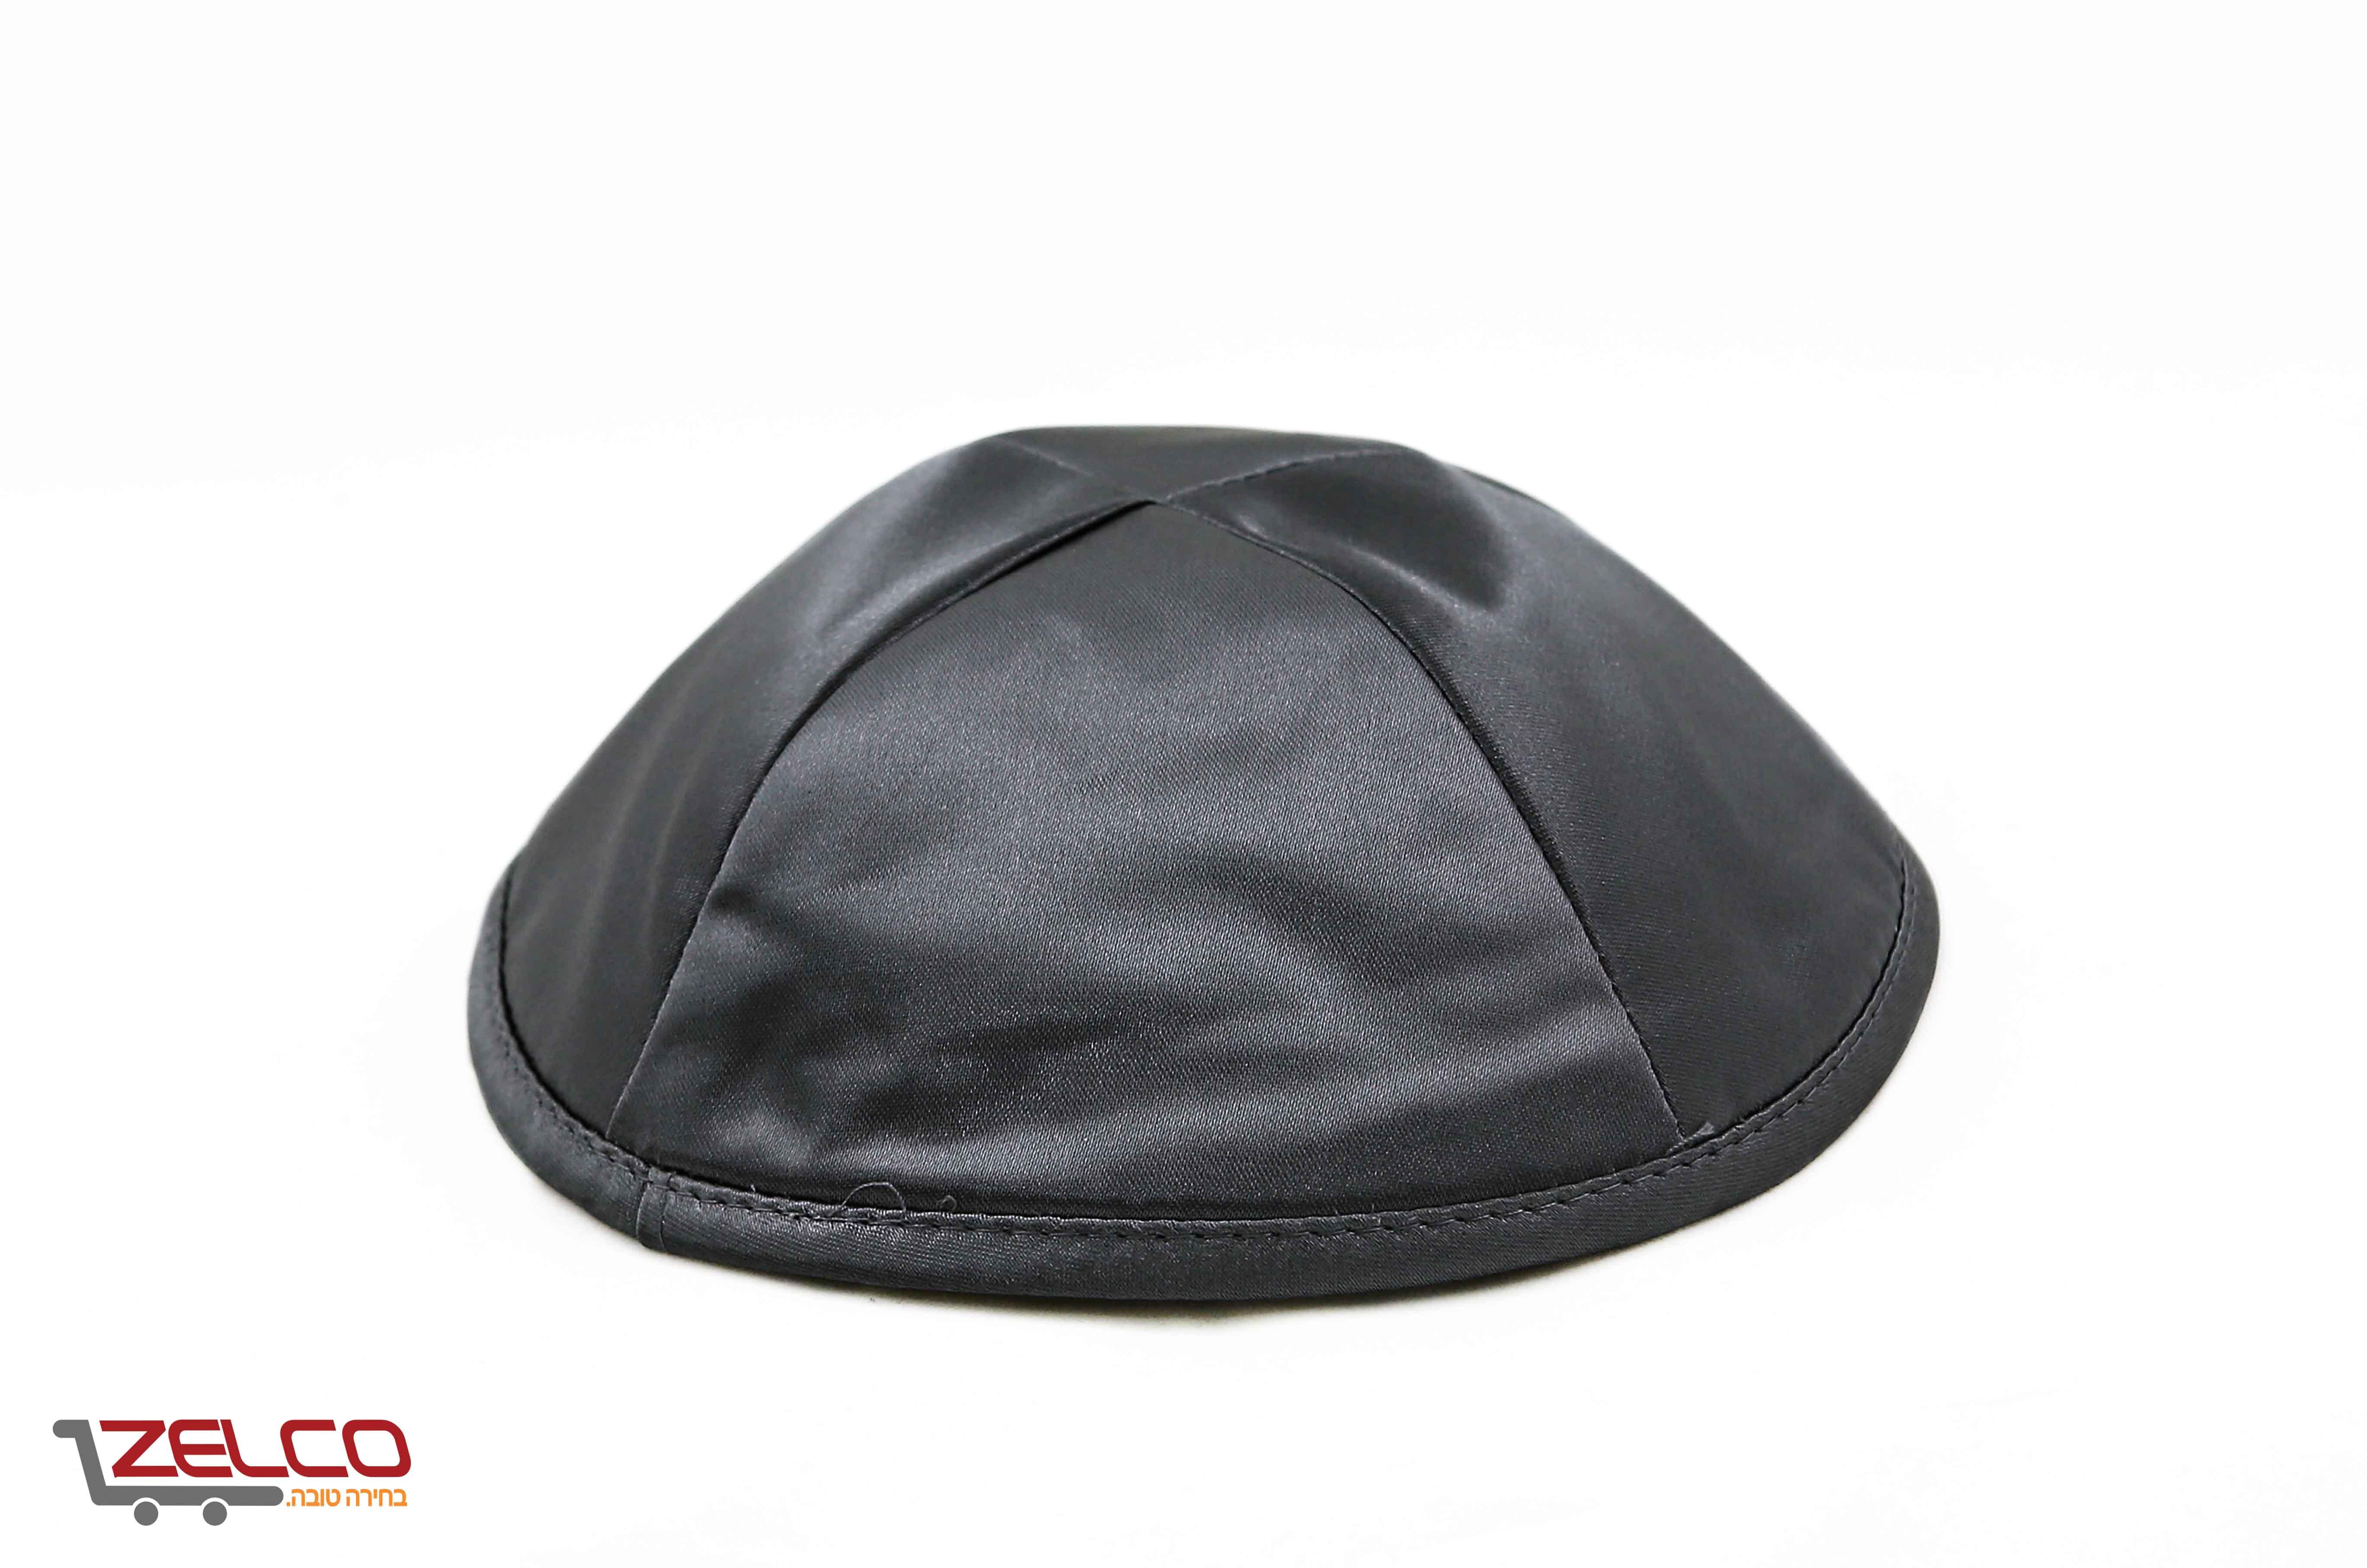 כיפה סאטן צבע שחור